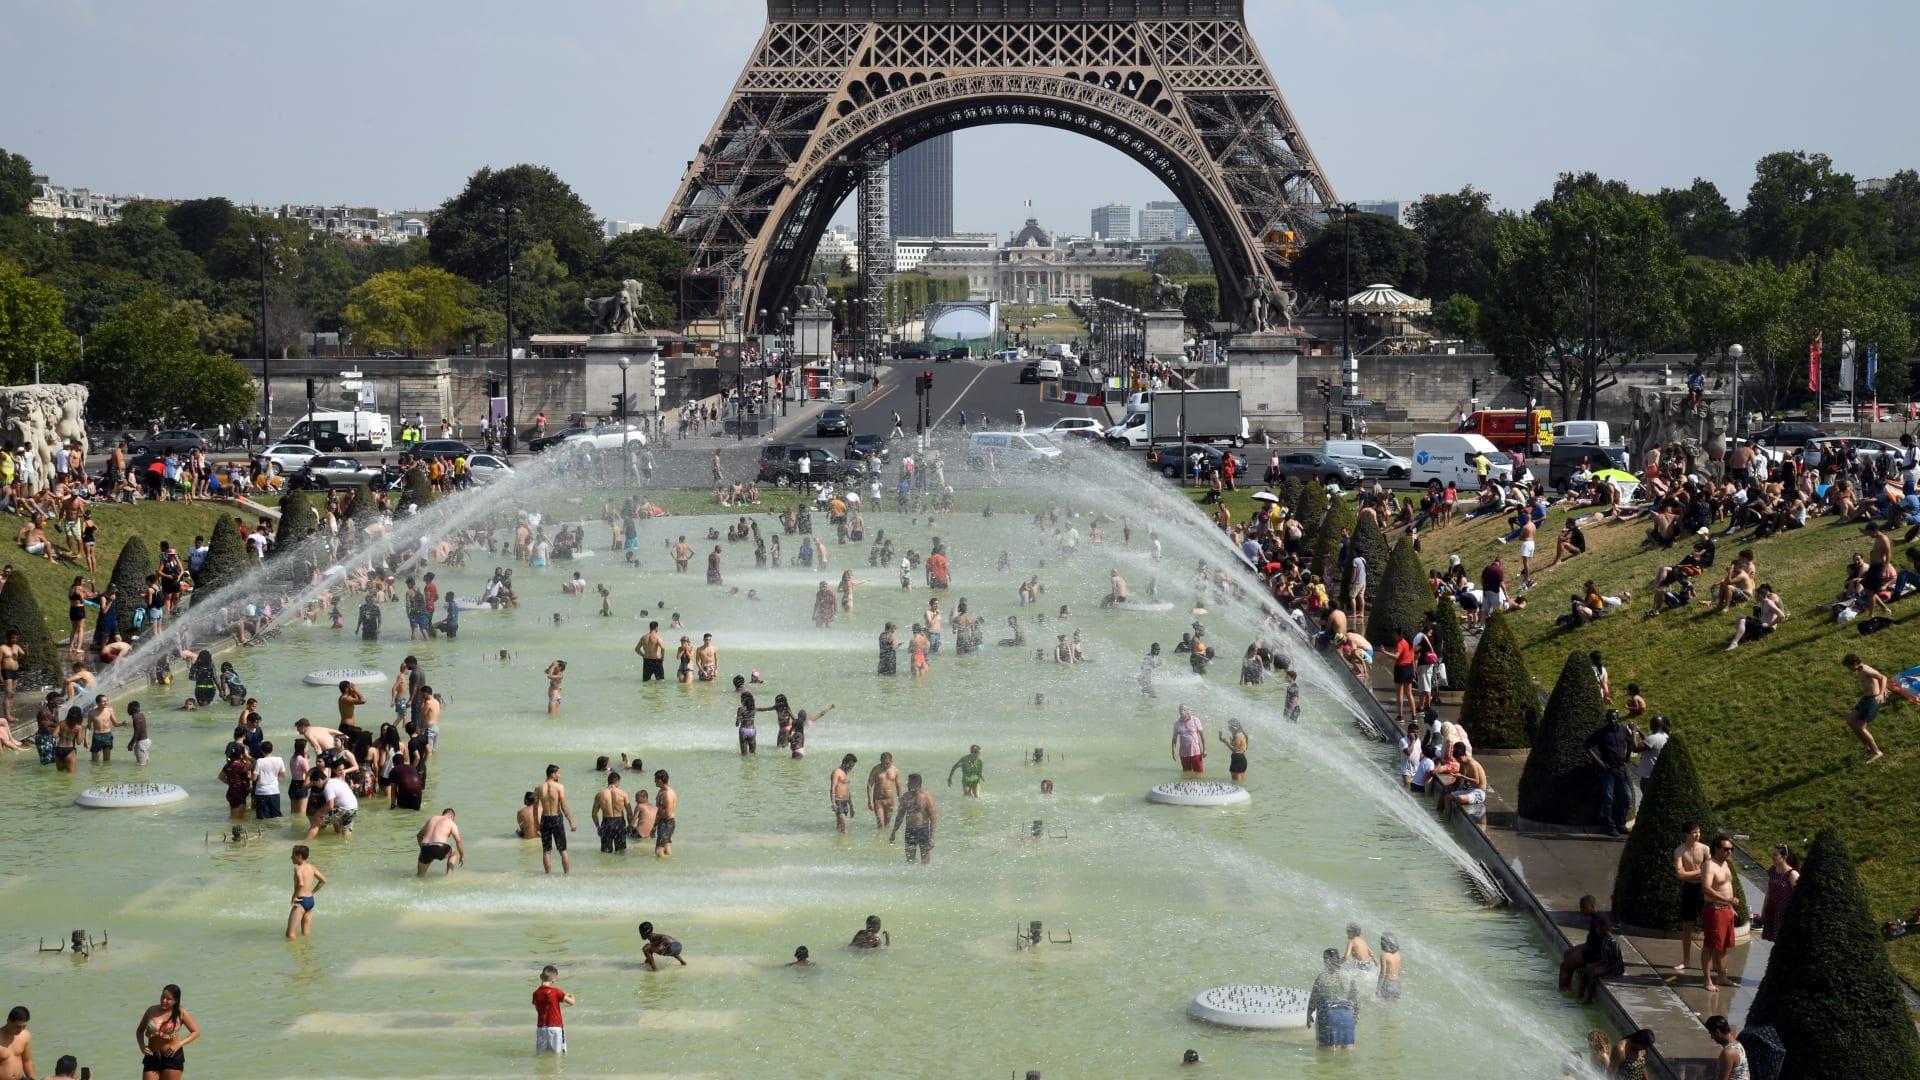 فرنسا تسجل 1500 حالة وفاة نتيجة ارتفاع درجات الحرارة خلال فصل الصيف